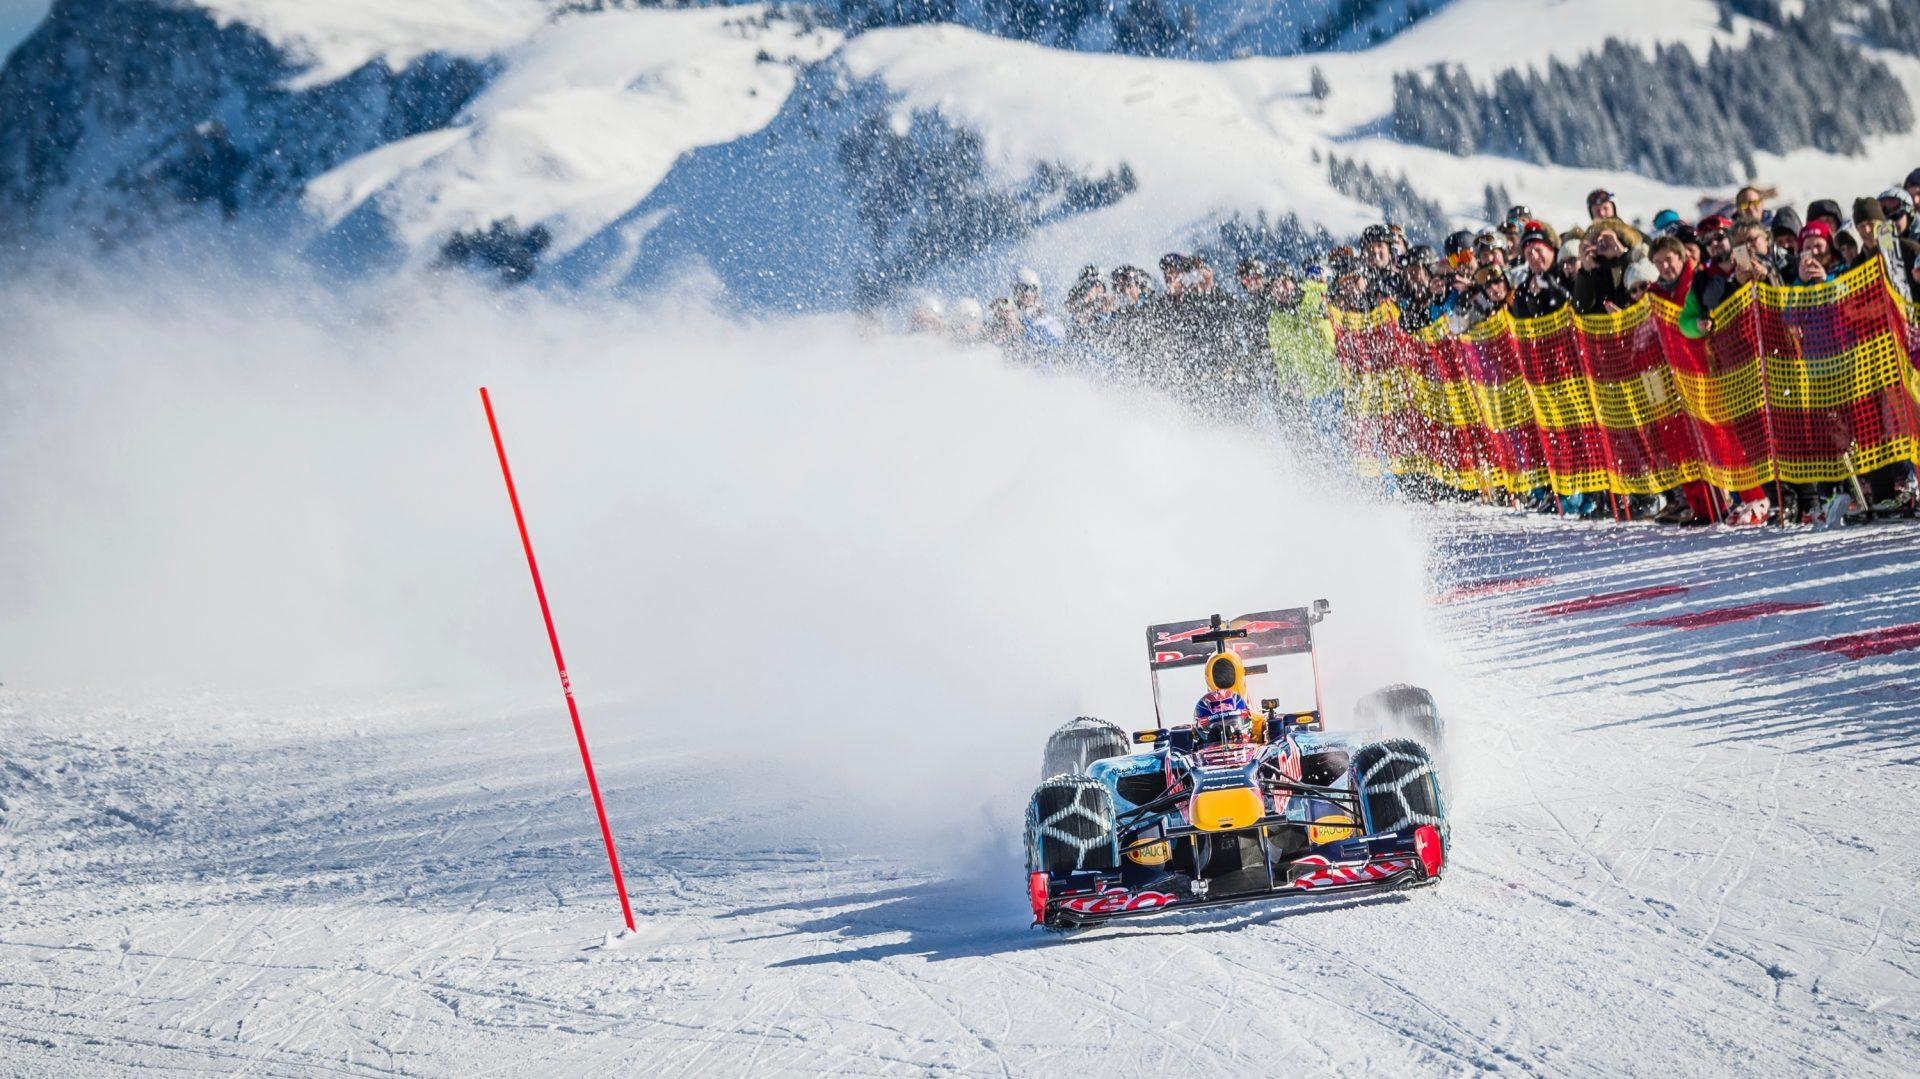 Gennaio 2016. Max Vestappen si cimenta sulla mitica pista di Kitzbuehel con una discesa alla guida della sua Red Bull.